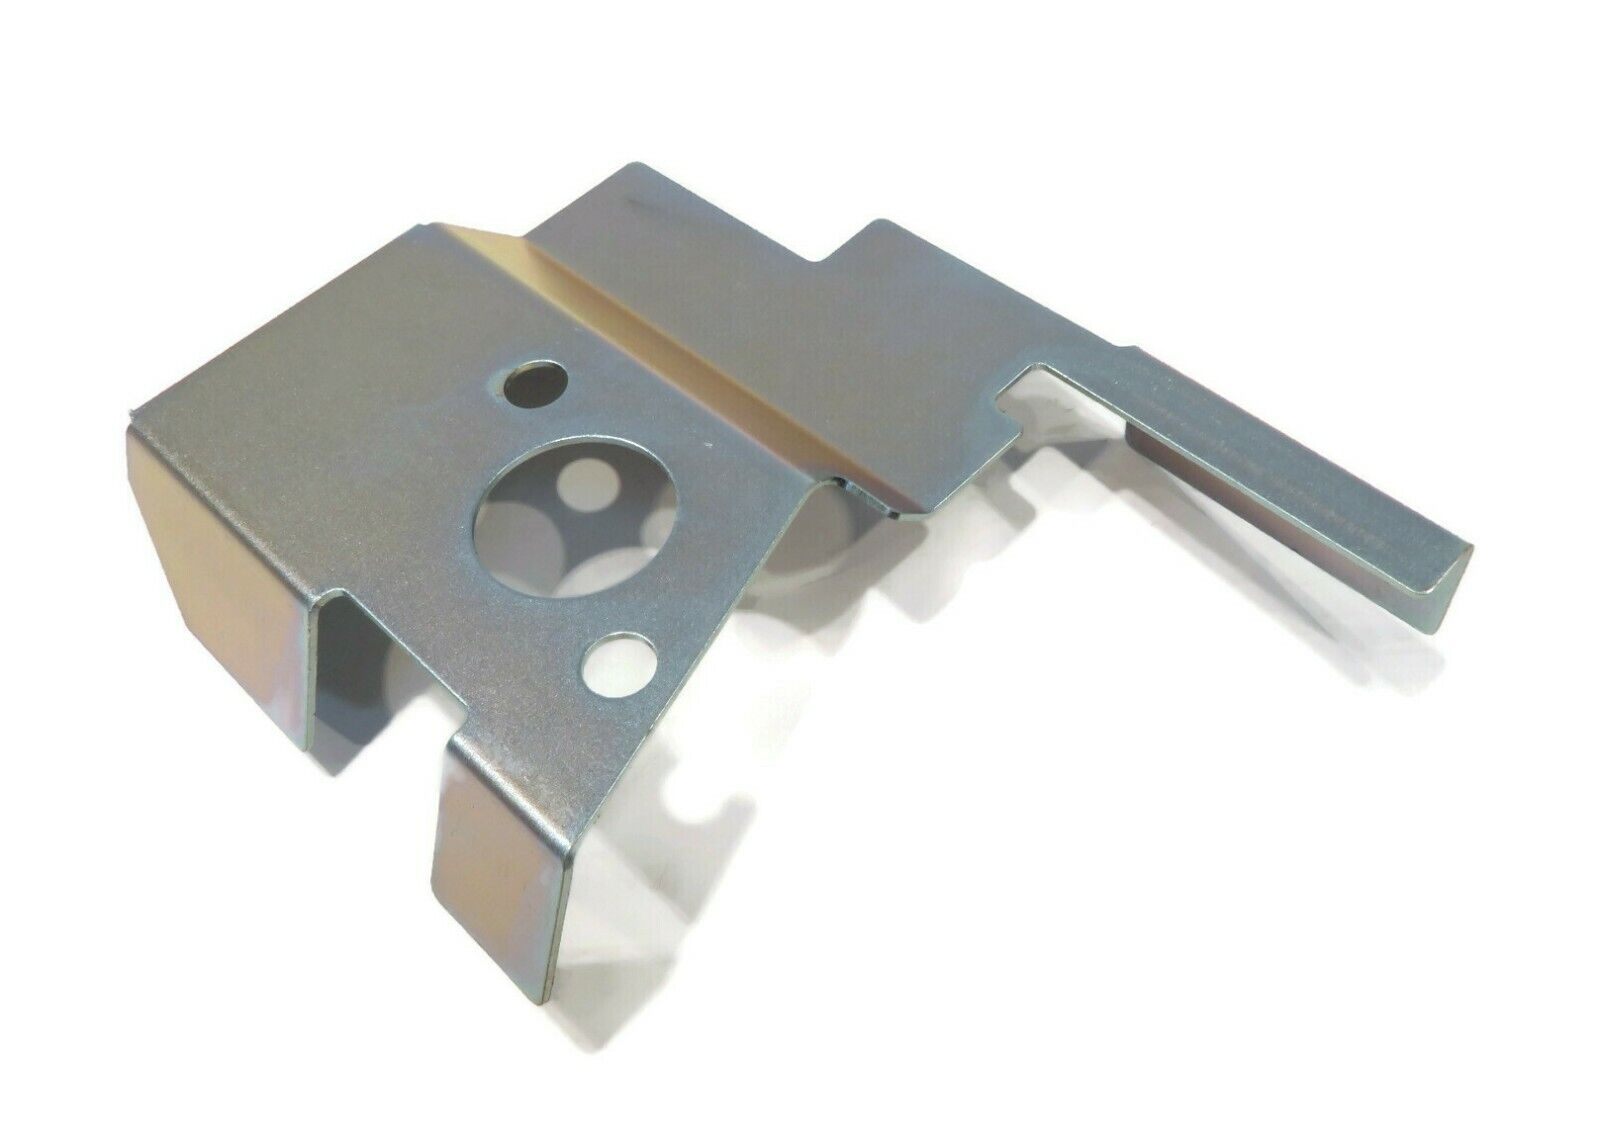 Carburetor Shield For Tecumseh VLV65-502503A, VLV65-502504A VLV65-502510B - $18.39